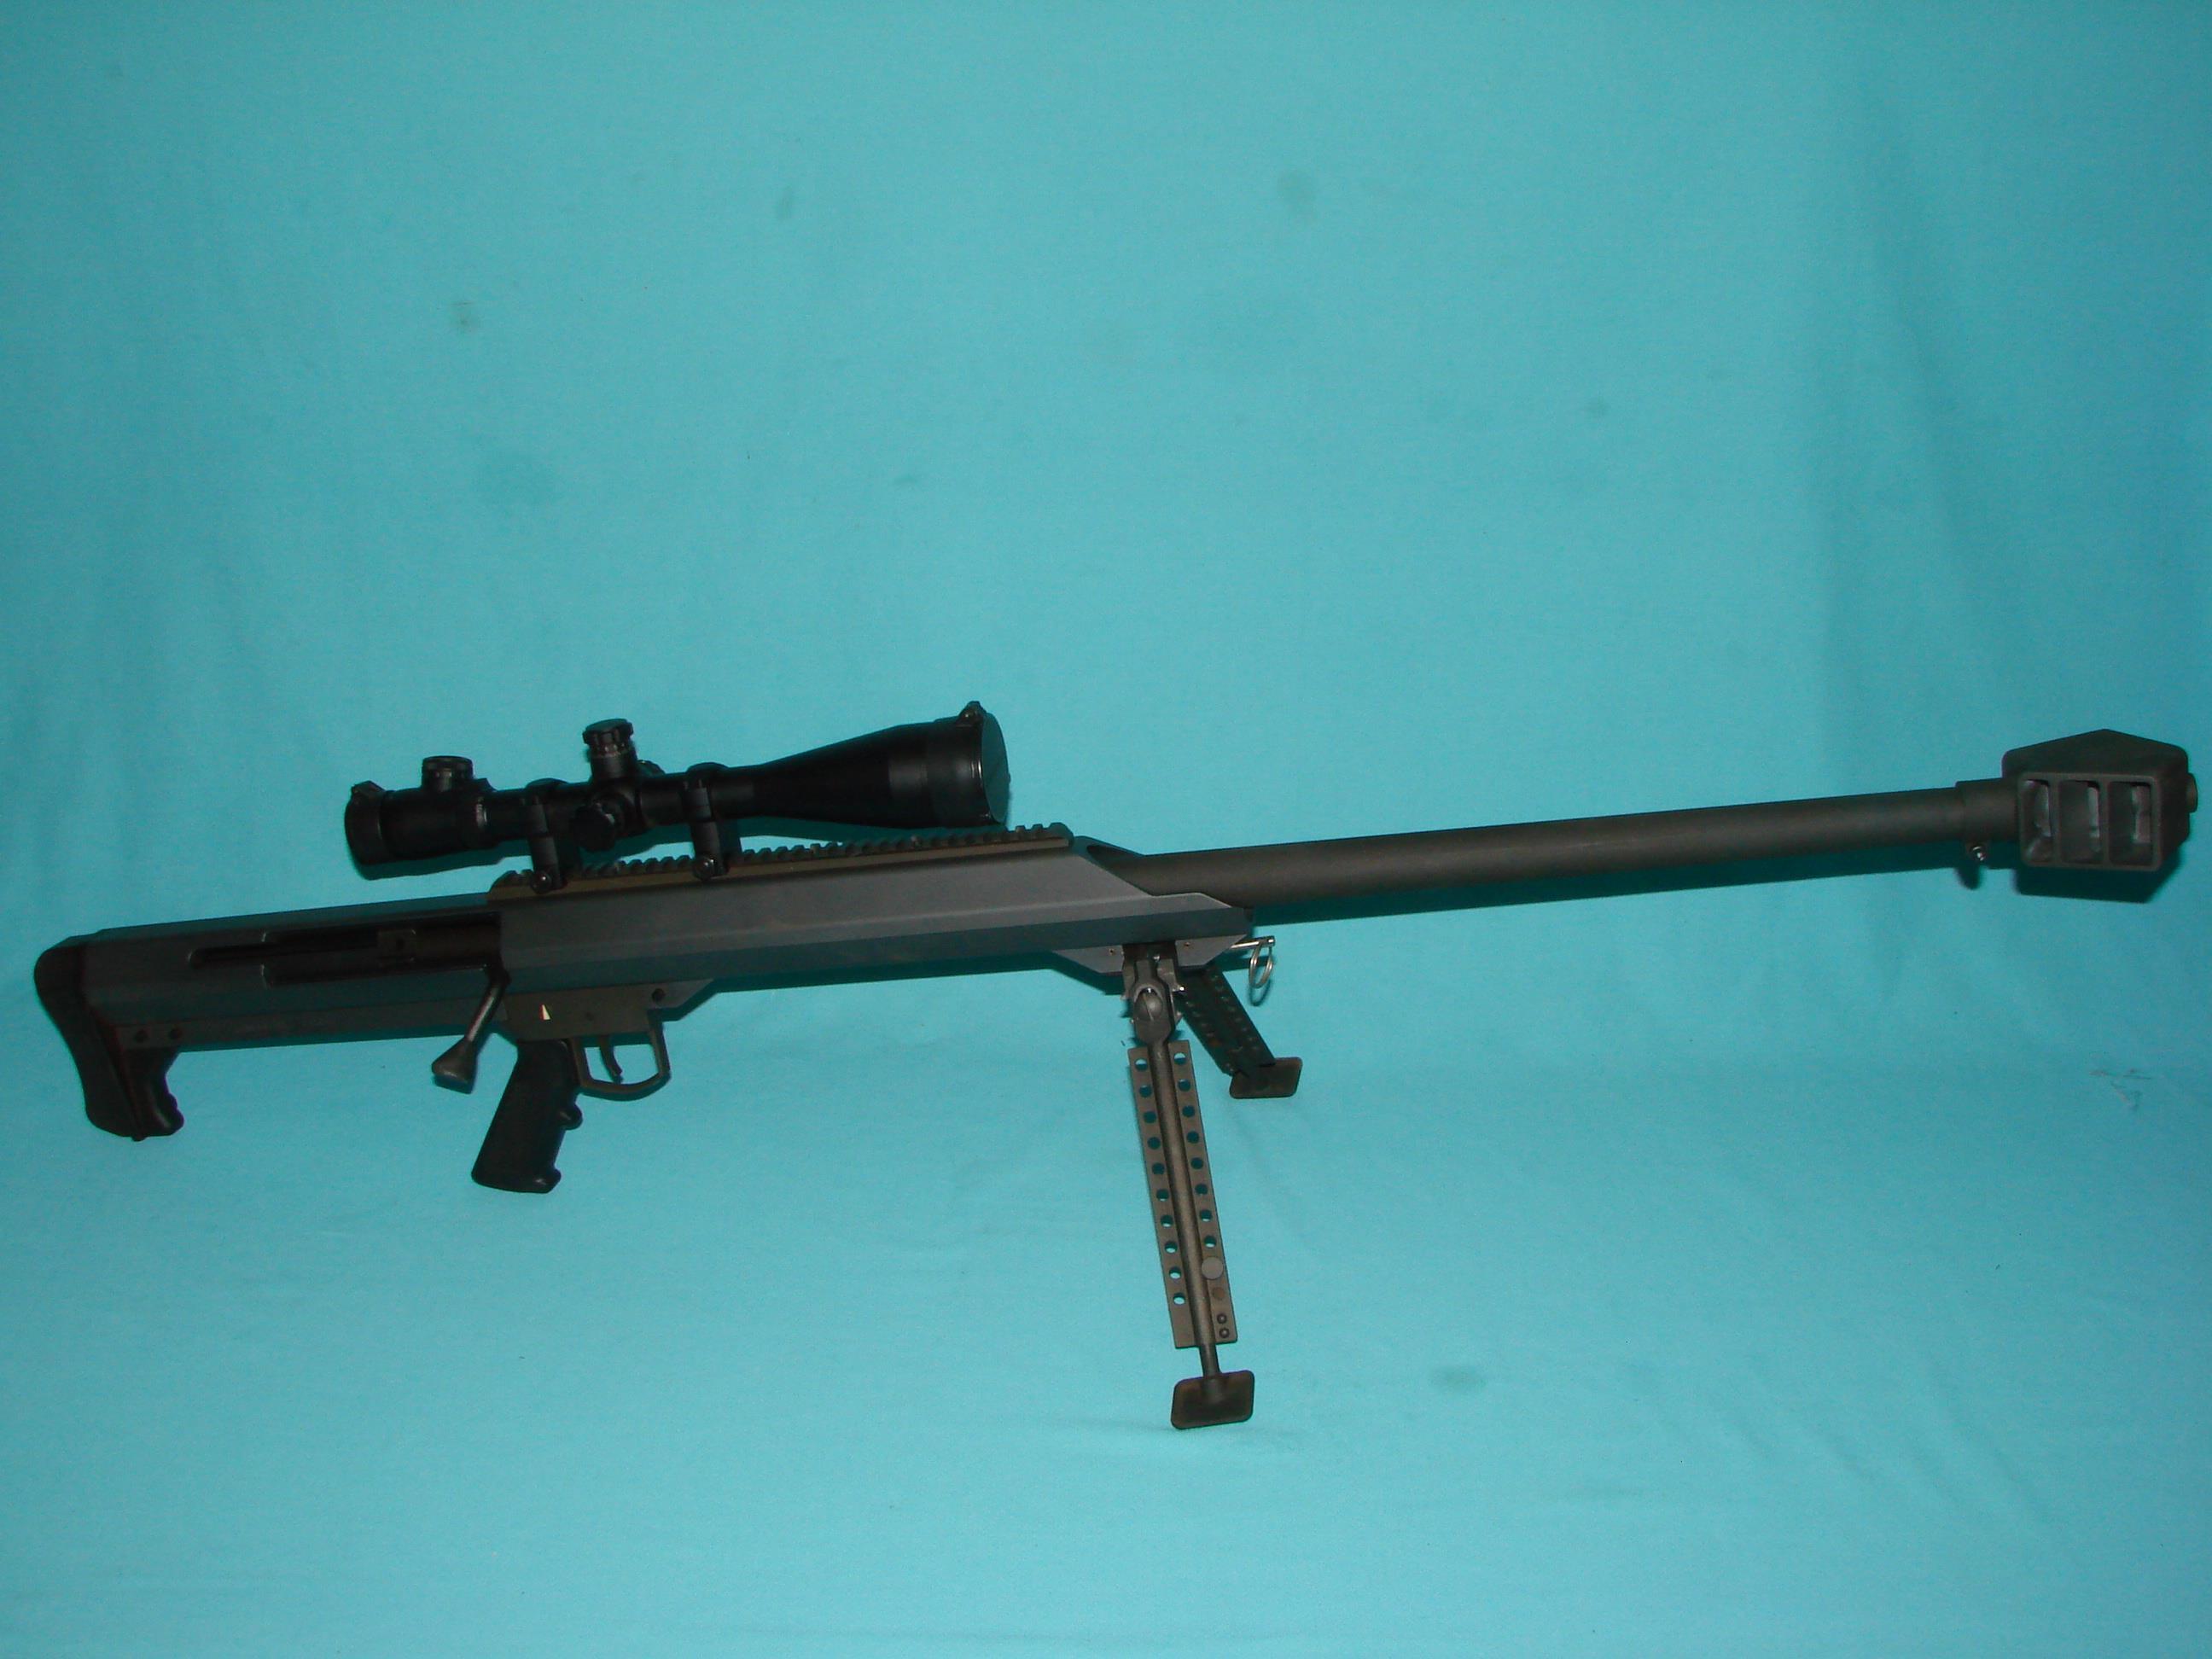 Barrett M99 w/Leuopold Scope  Guns > Rifles > Barrett Rifles